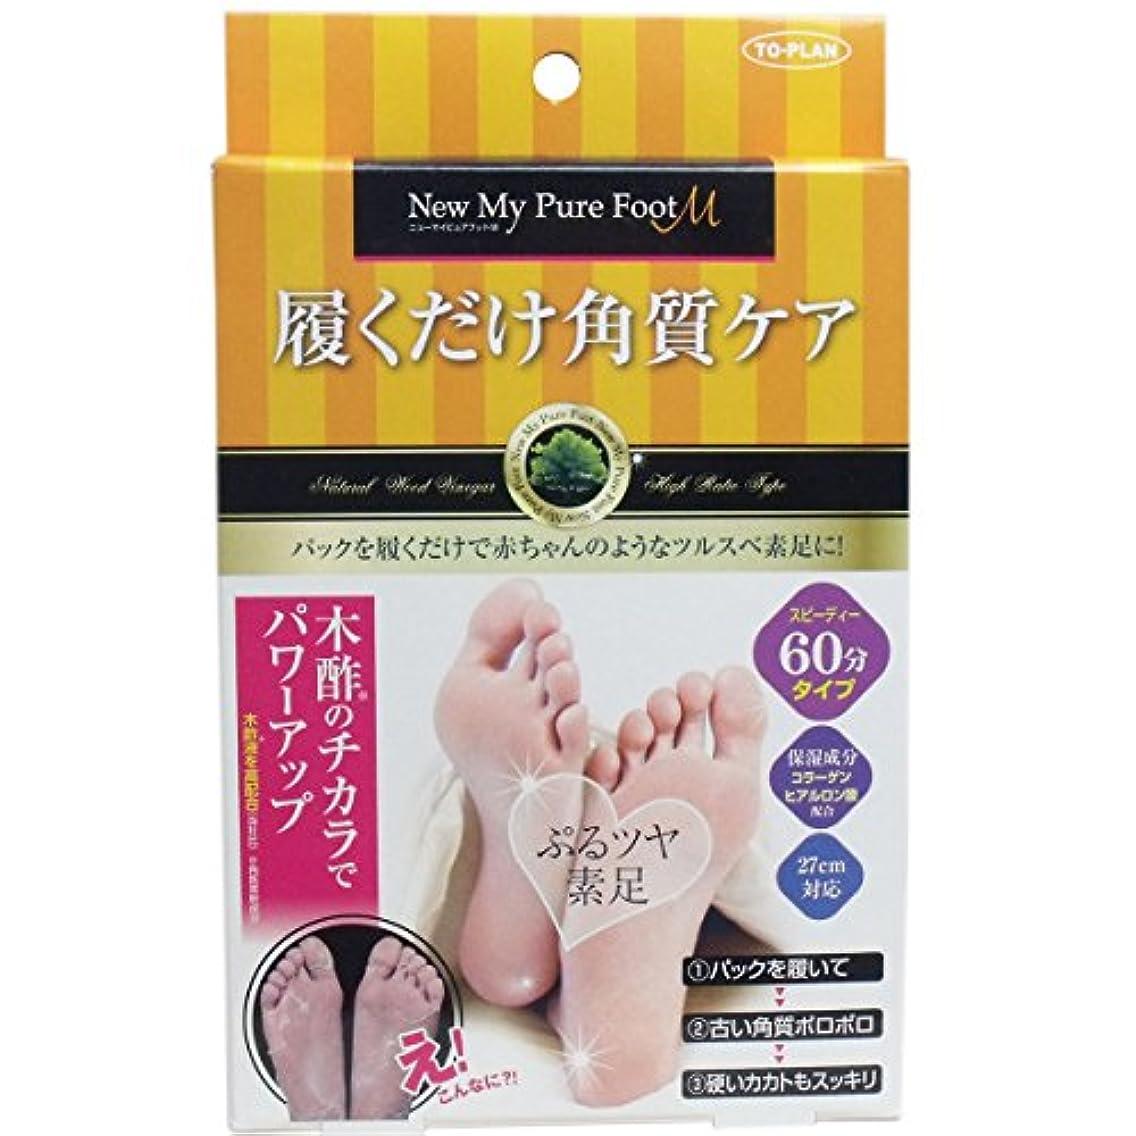 召集する乳剤擬人化【セット品】履くだけ角質ケア New My Pure Foot M ニューマイピュアフット エム【×3個】